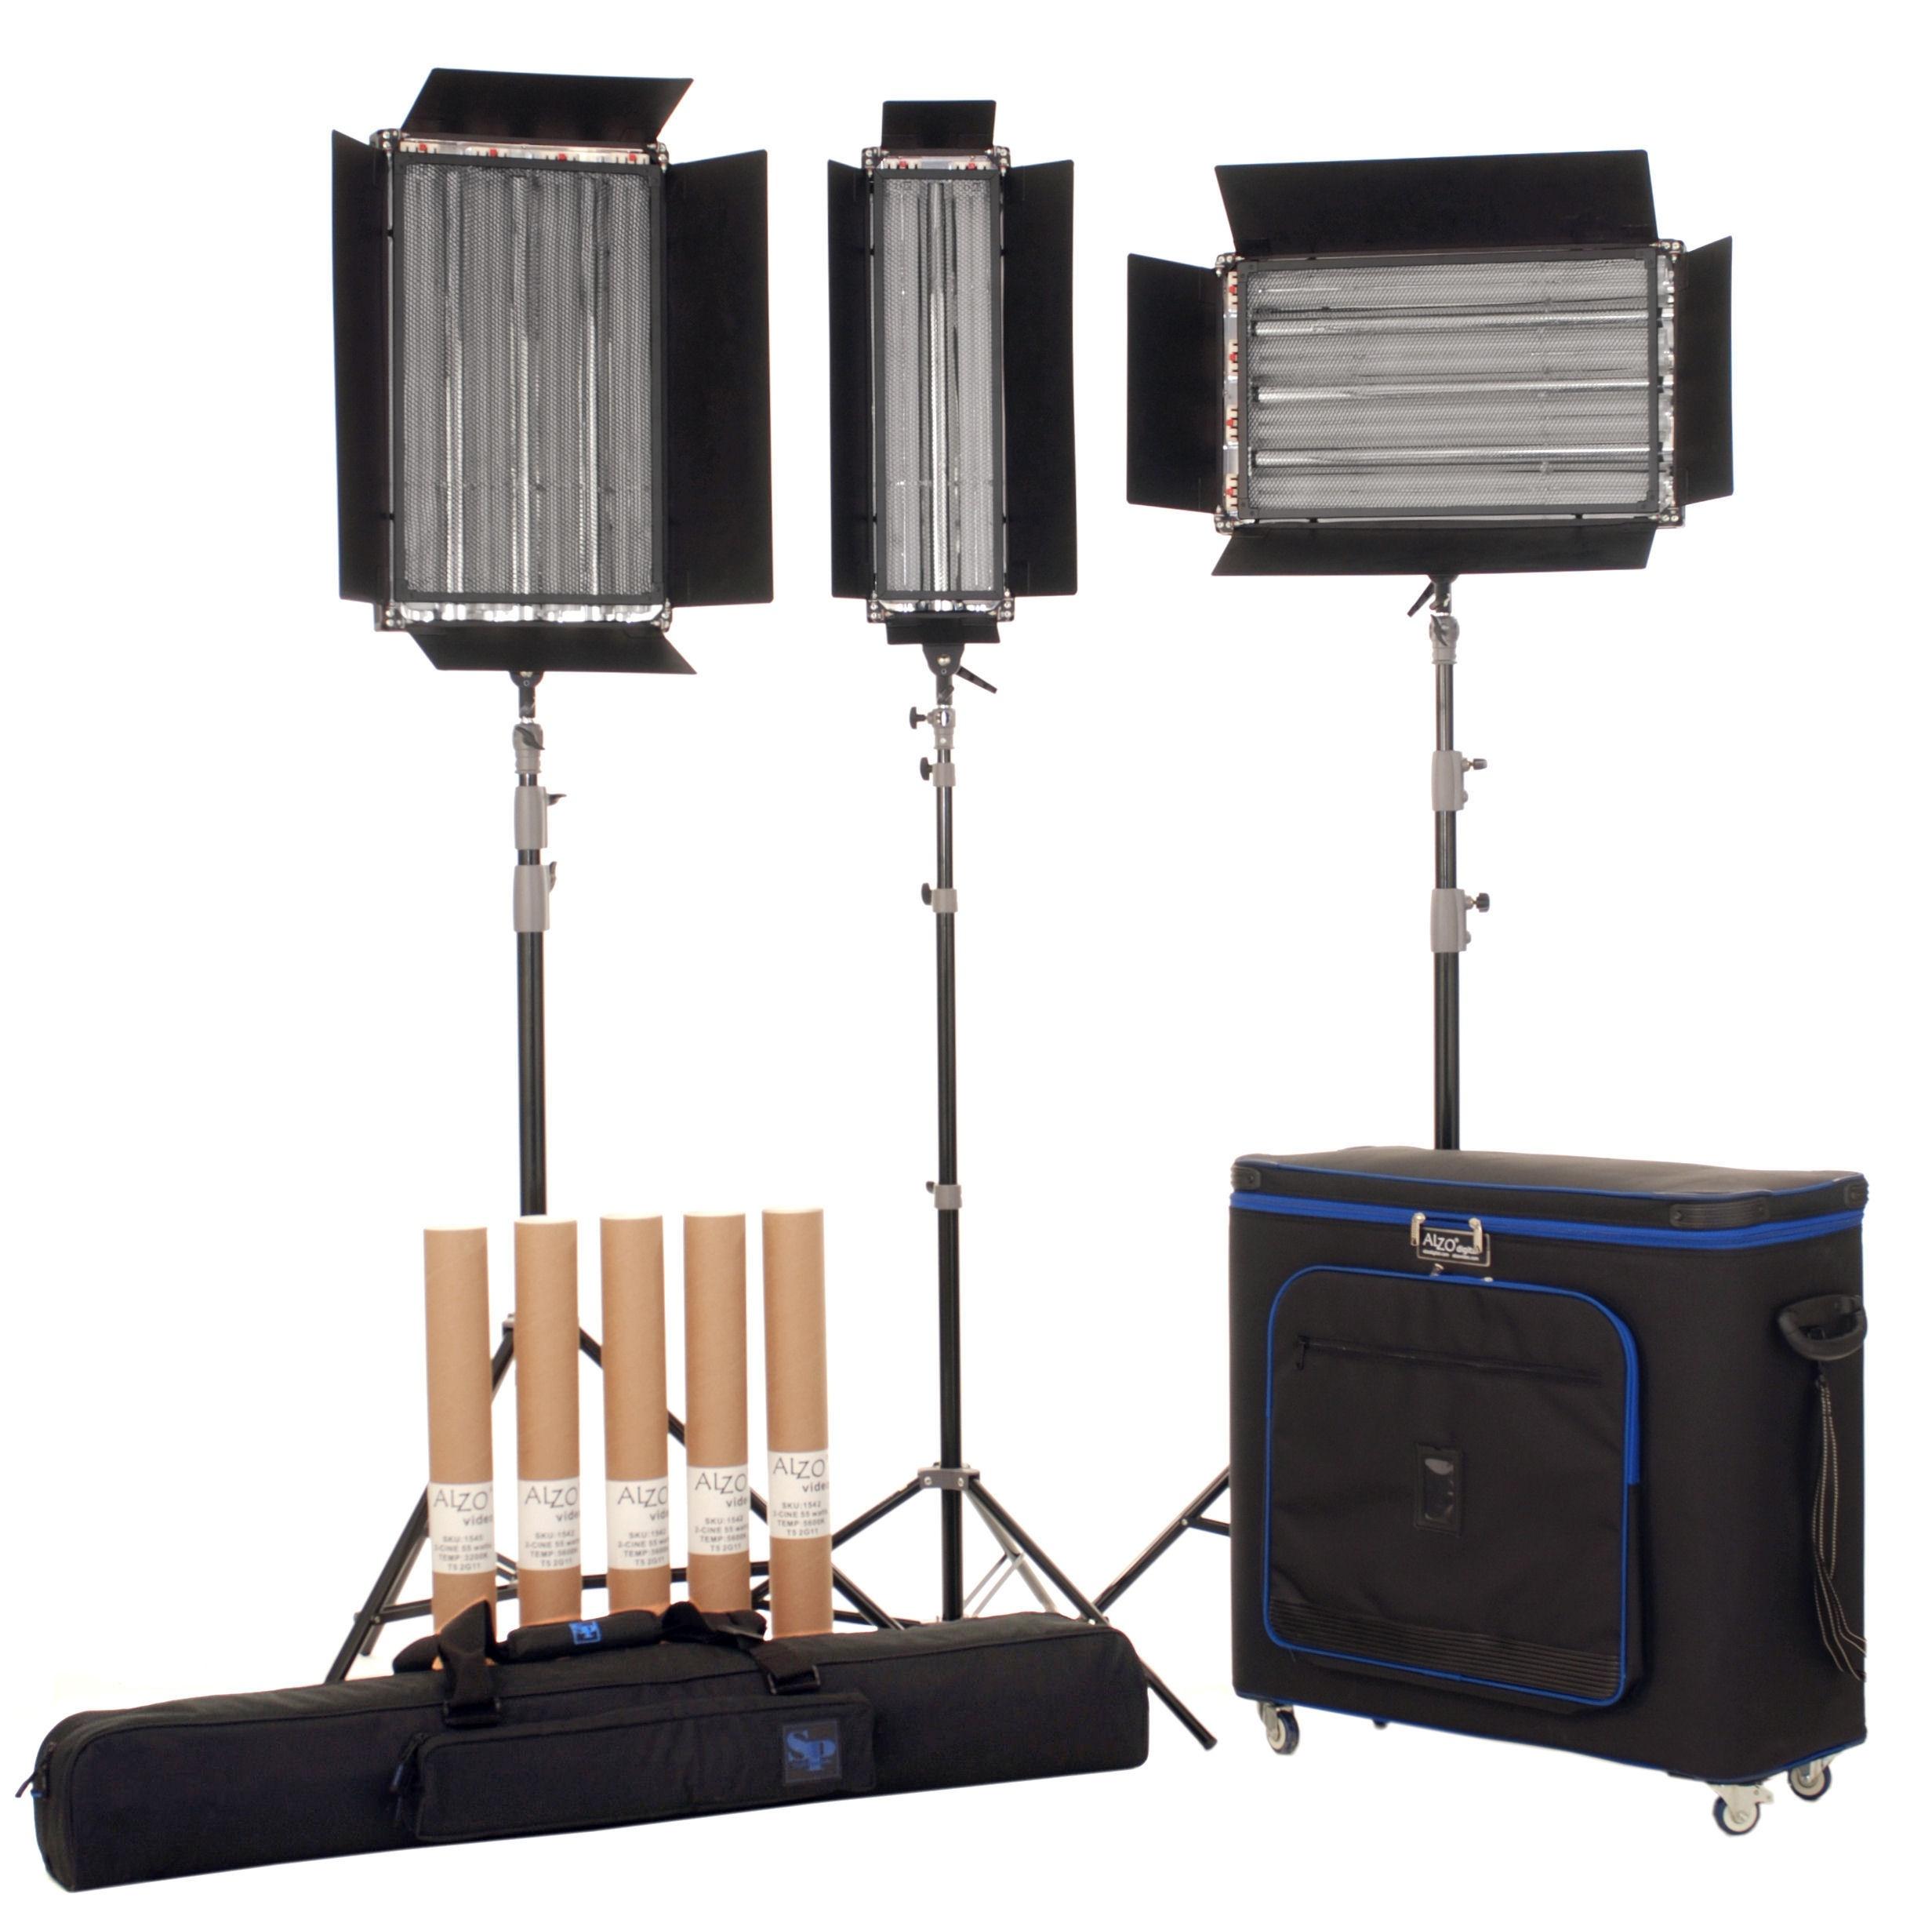 Thuê thiết bị quay phim trên không siêu nhỏ hà nội